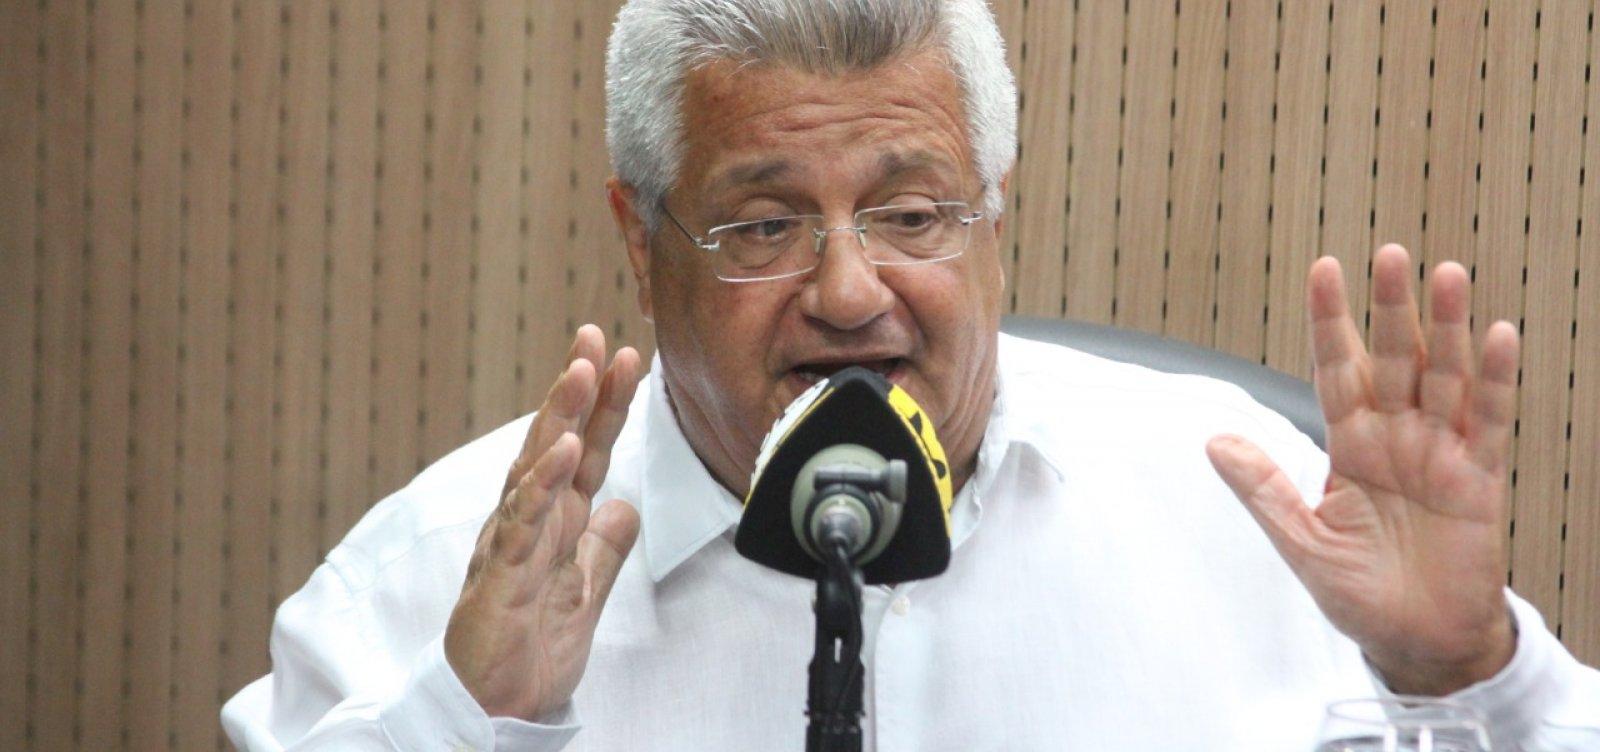 [Bacelar diz que Guedes não tem plano para economia: 'Posto Ipiranga tá falido']